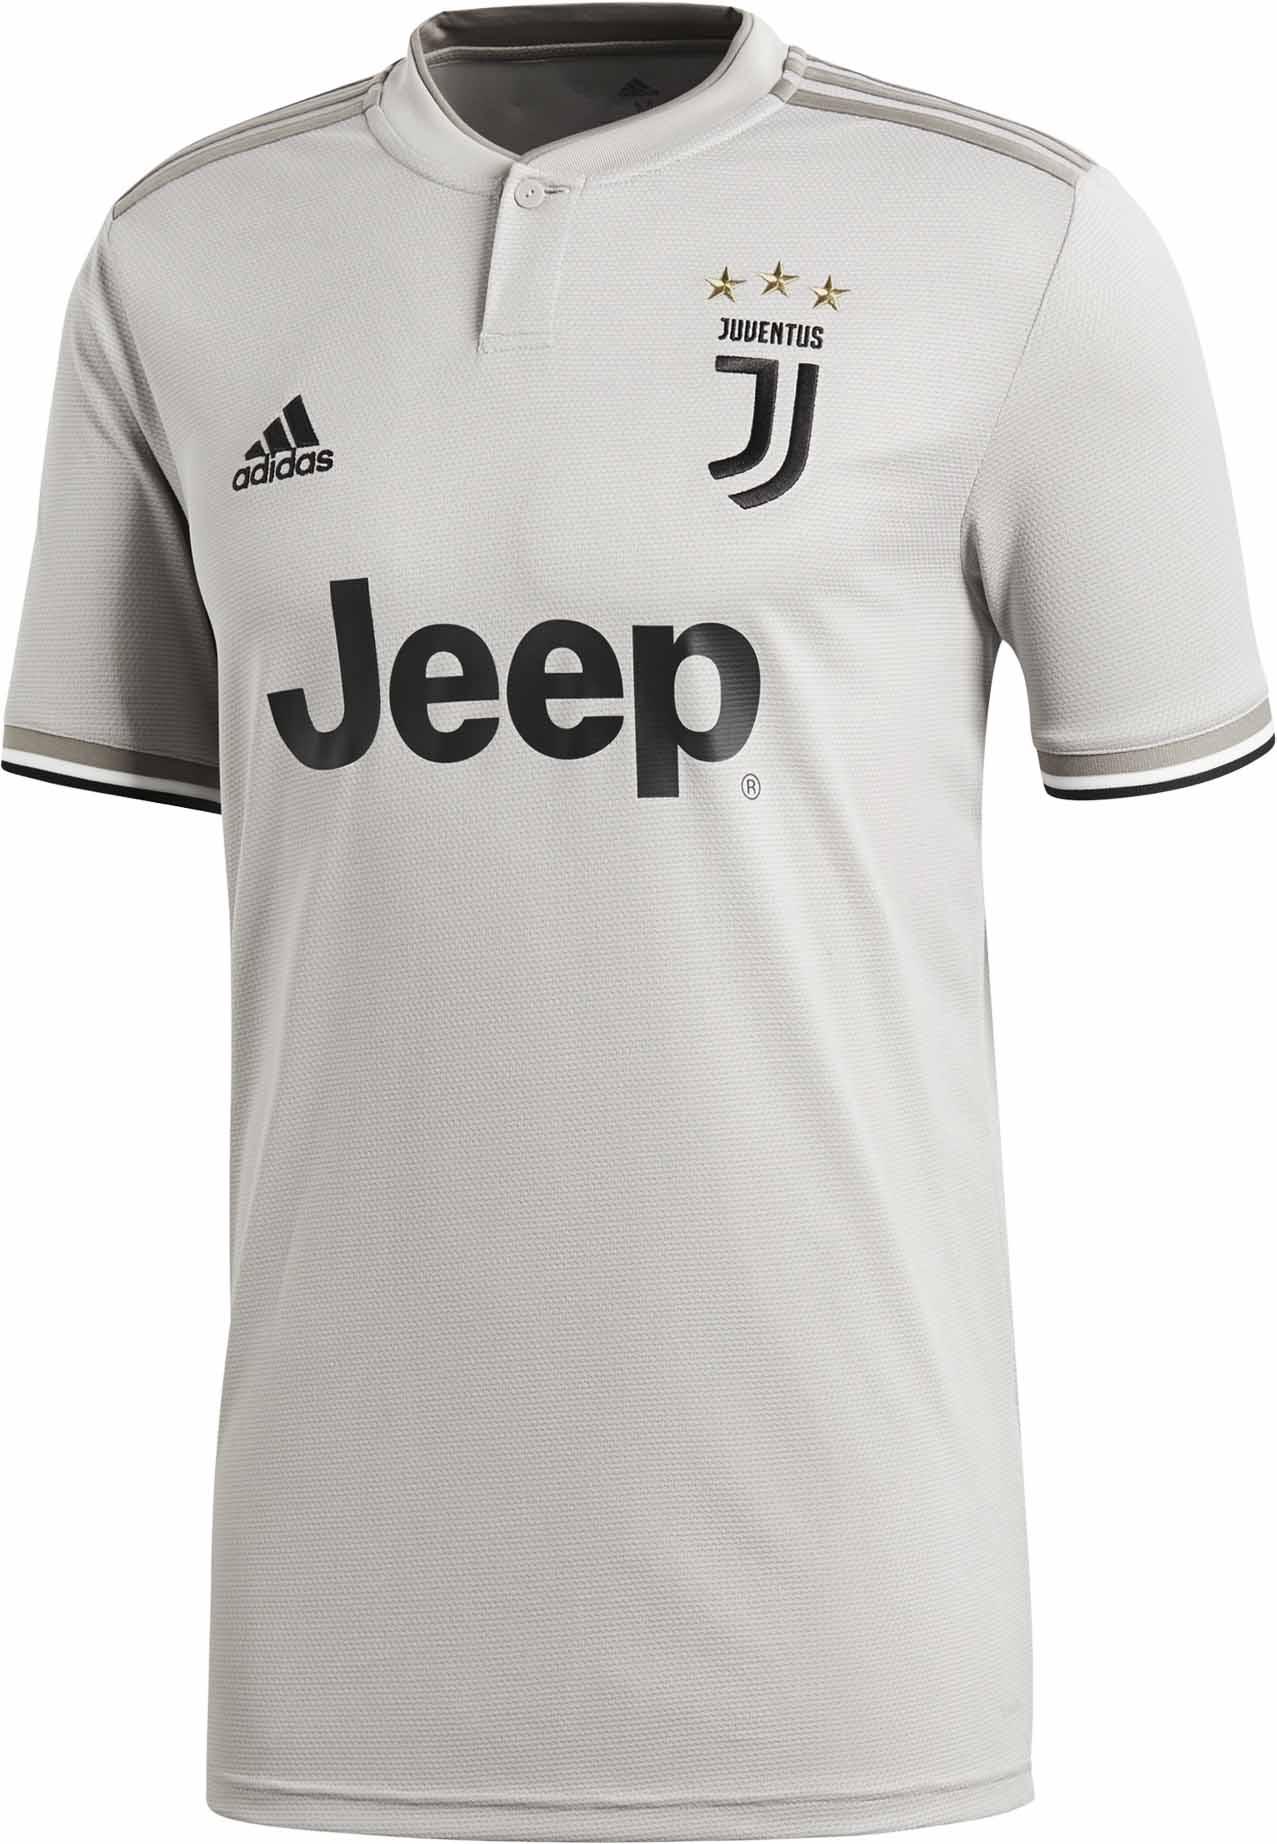 2018/19 Kids adidas Juventus Away Jersey - SoccerPro